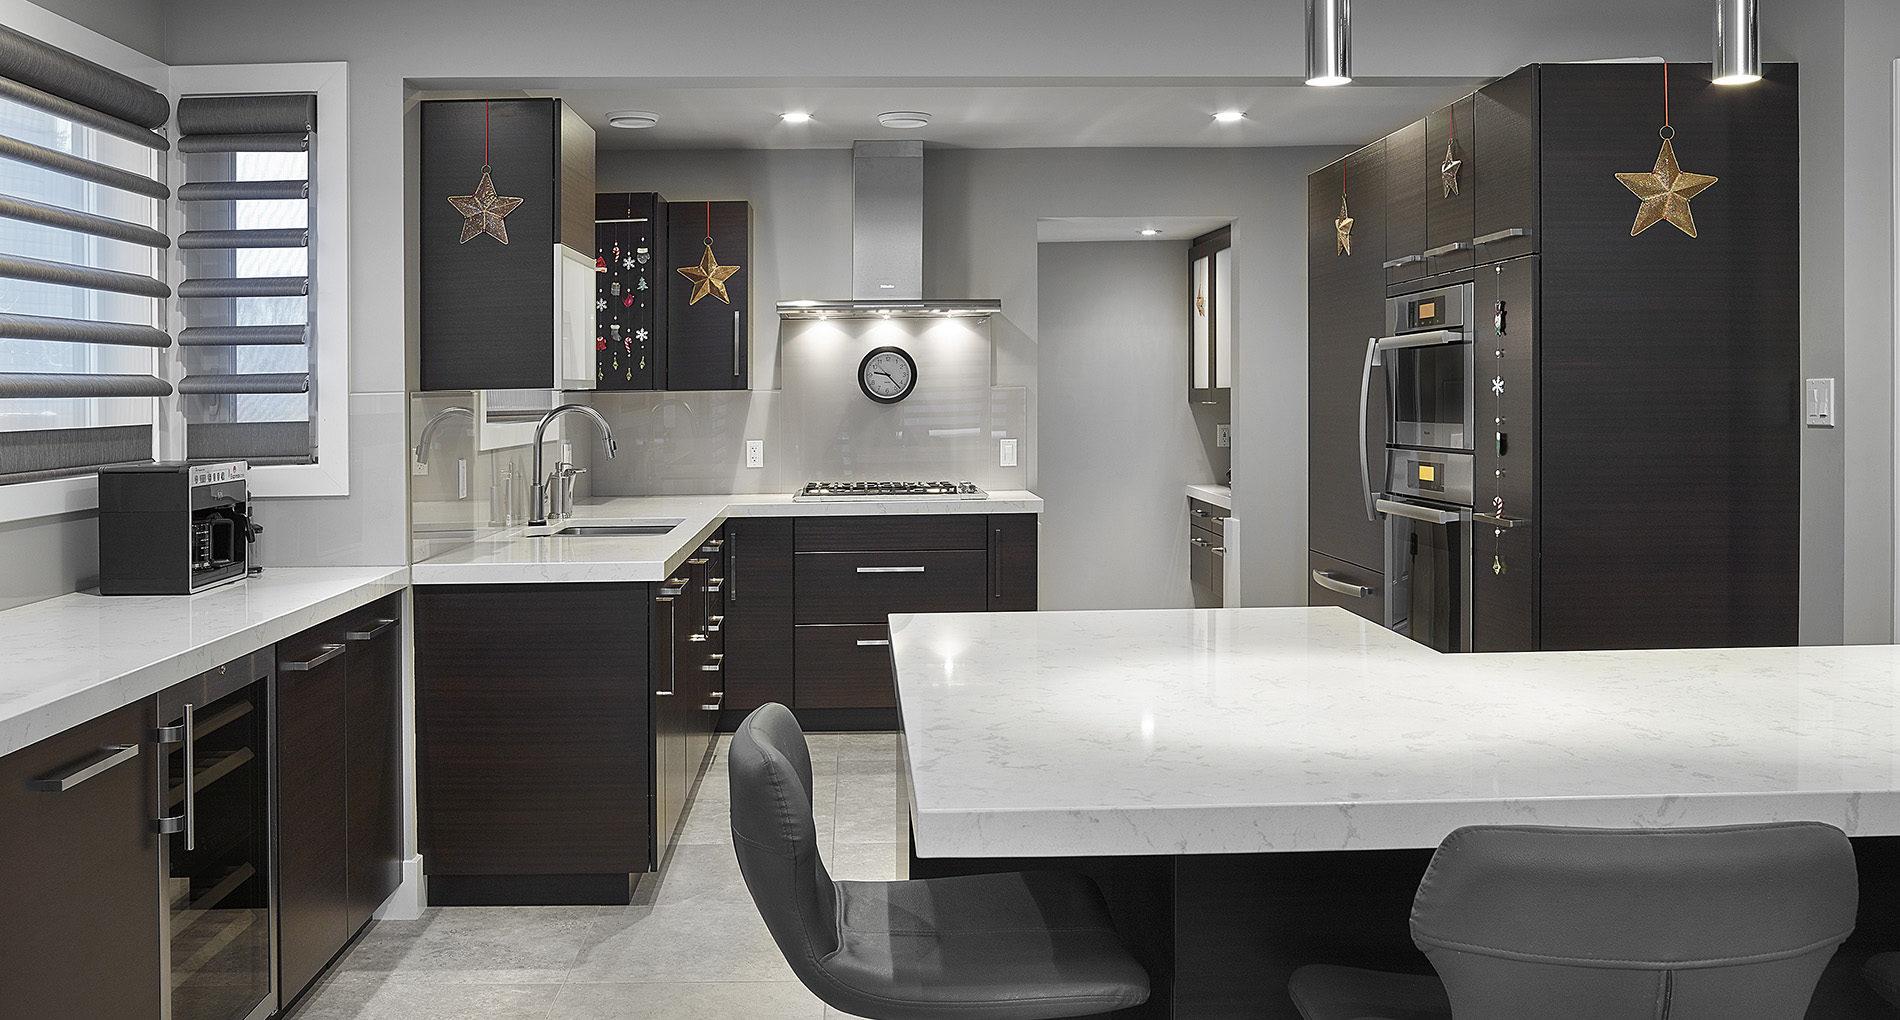 Kitchen Renovation Edmonton Weatherbee Slider